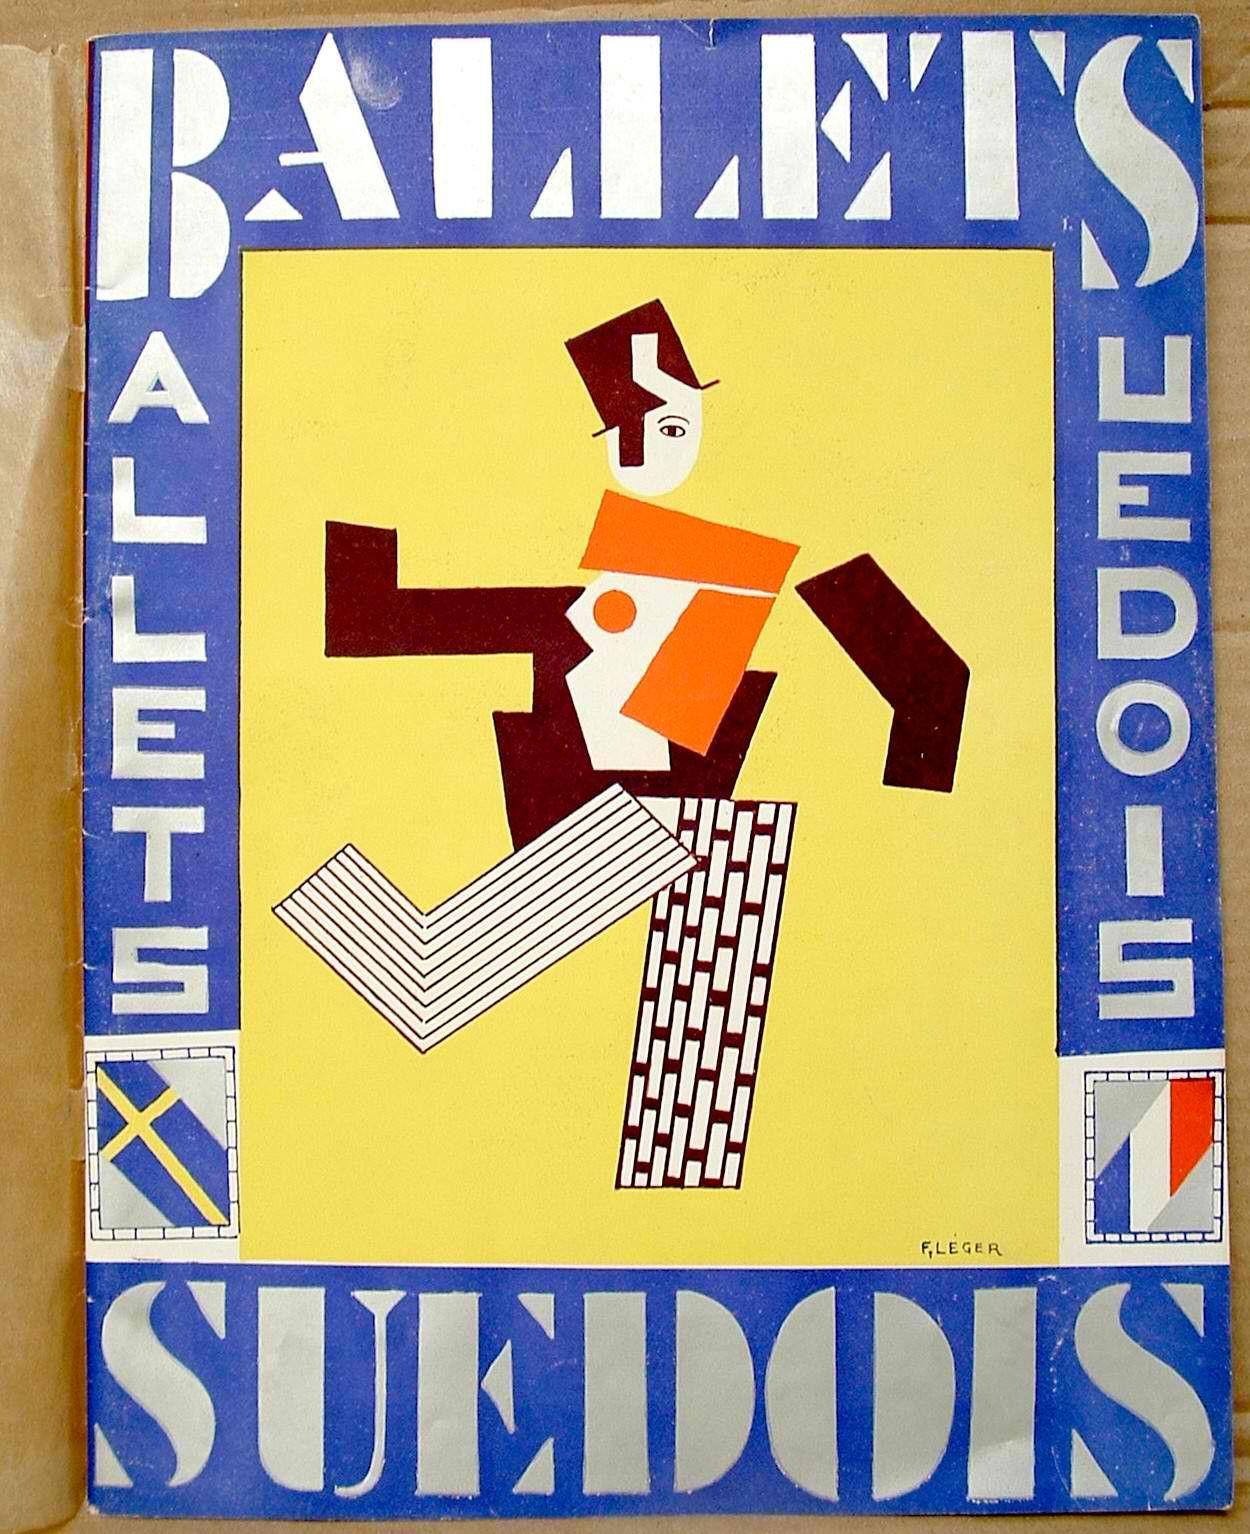 Les Ballets Suédois 1920-1925 à la Bibliothèque-musée de l'Opéra - Palais Garnier | Expositions à Paris - Expo In The City